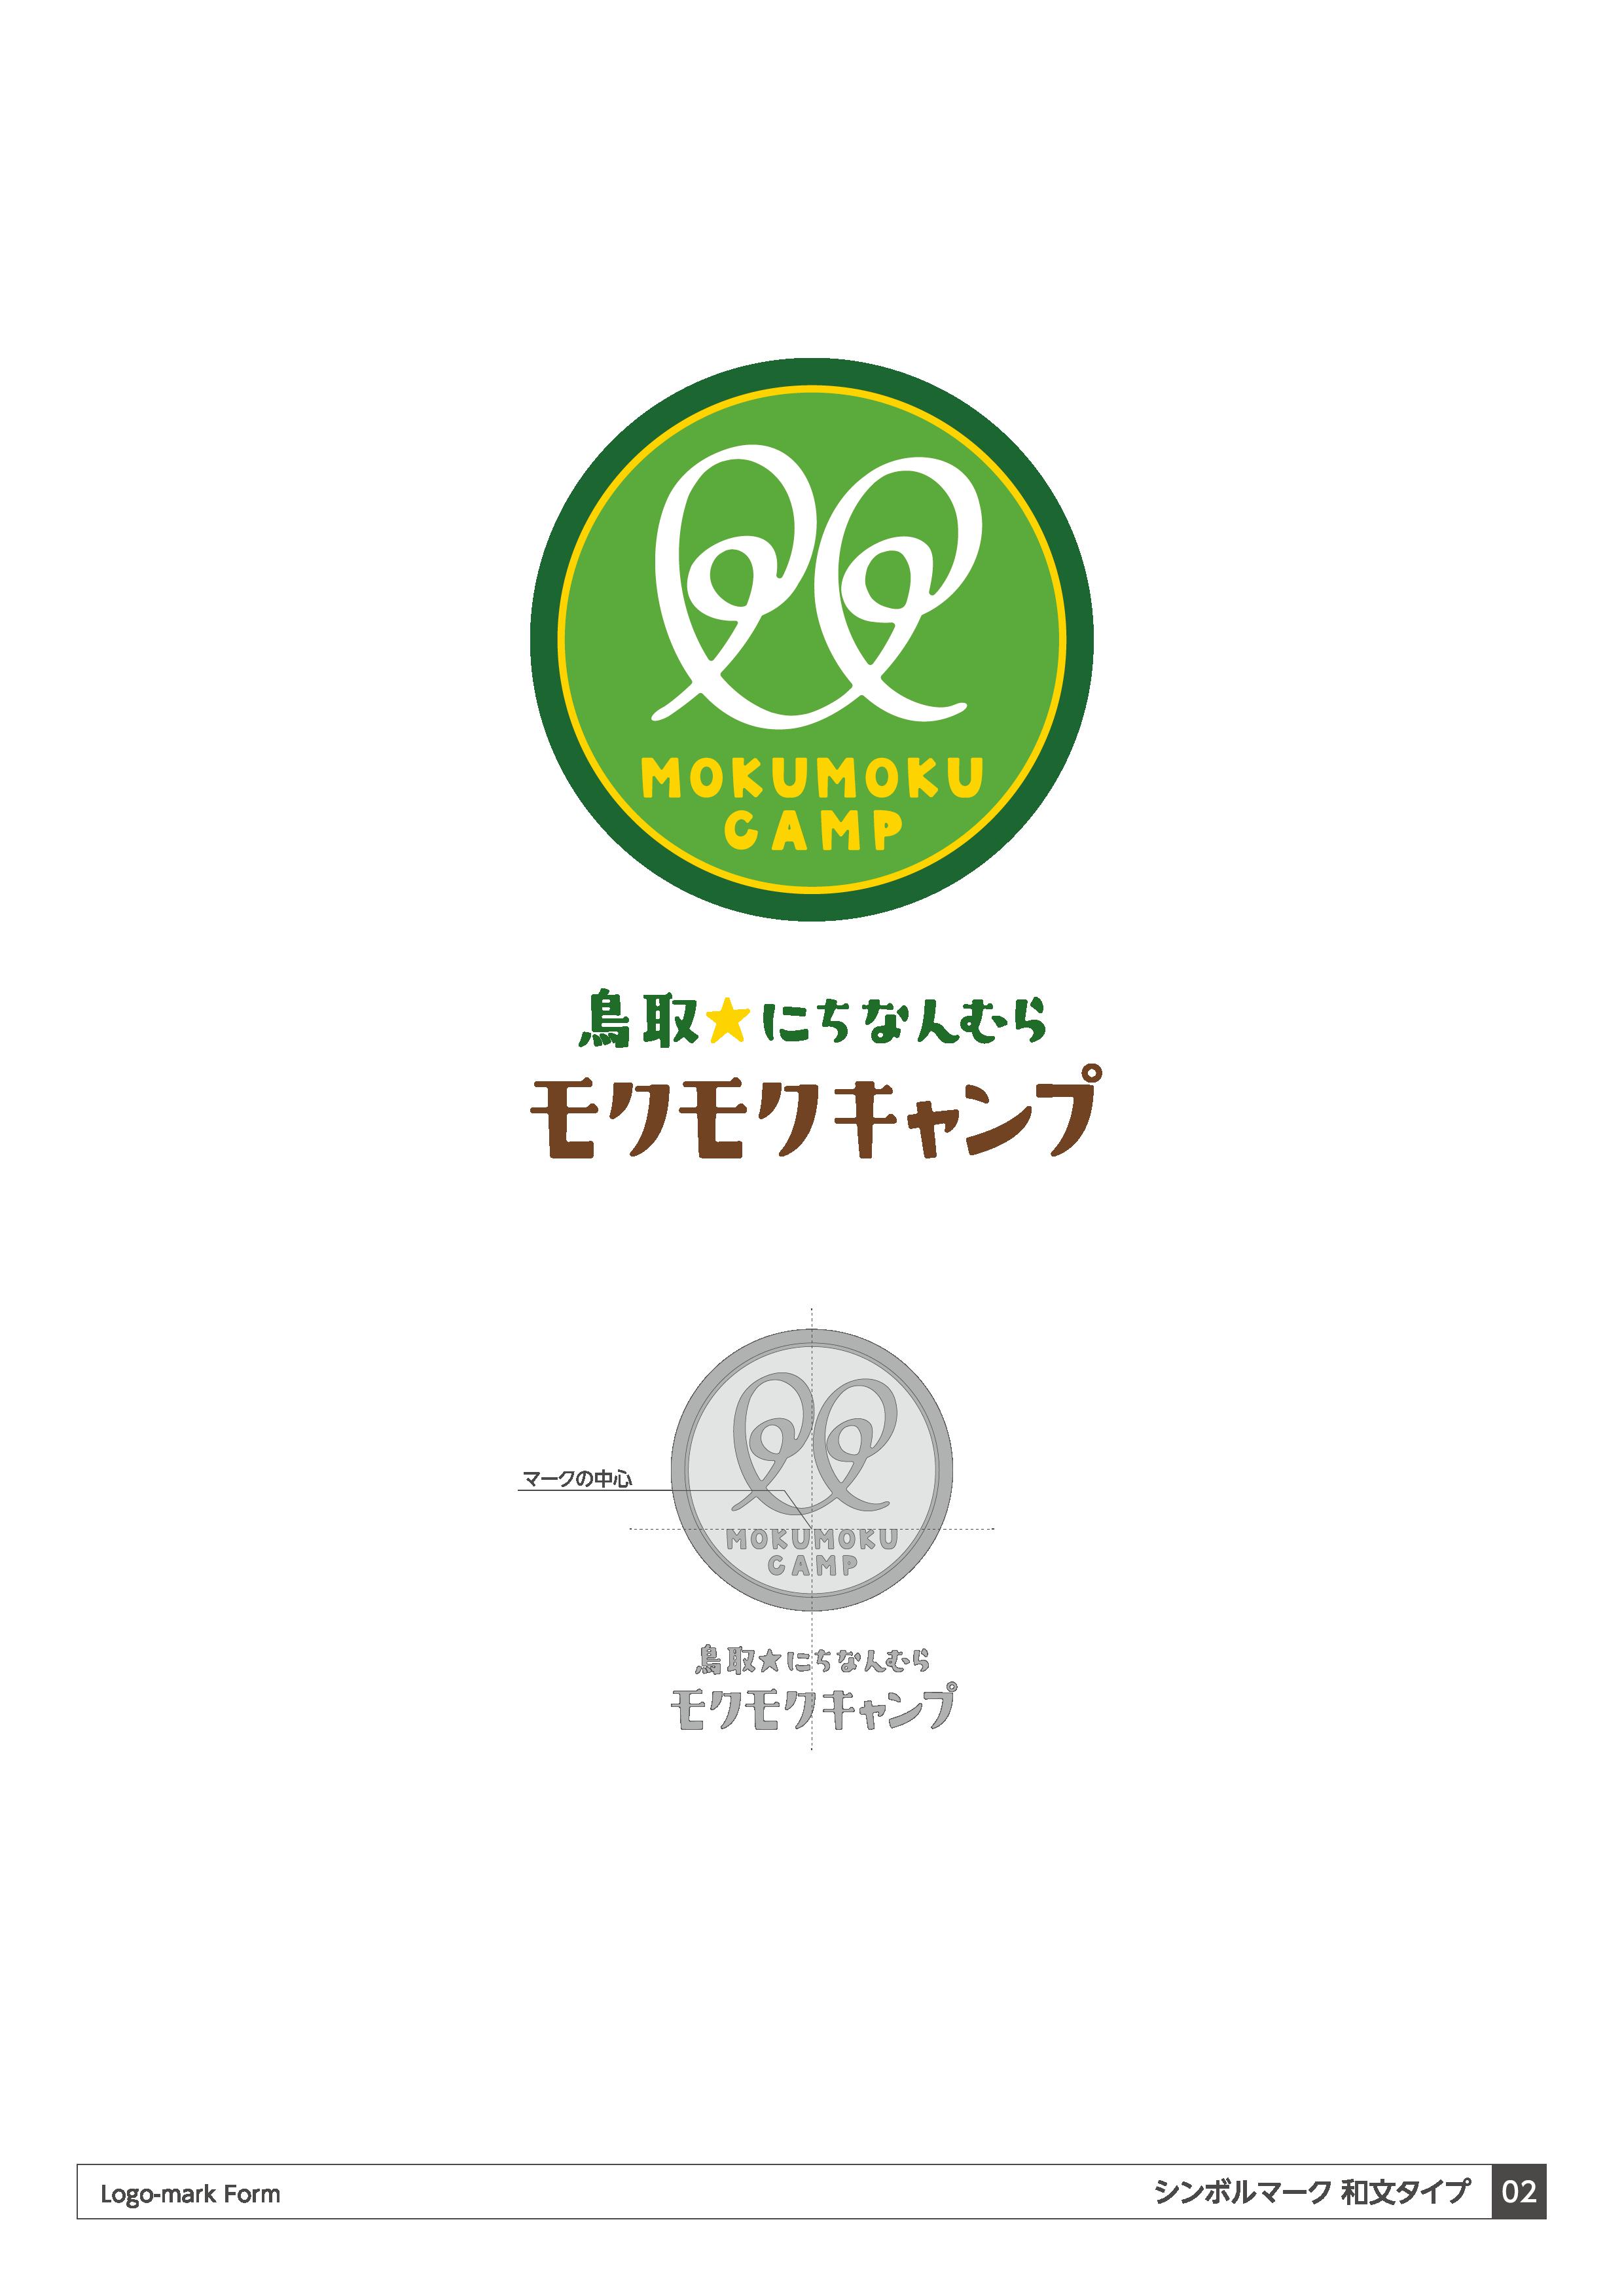 鳥取にちなんむらモクモクキャンプ-ロゴマーク03